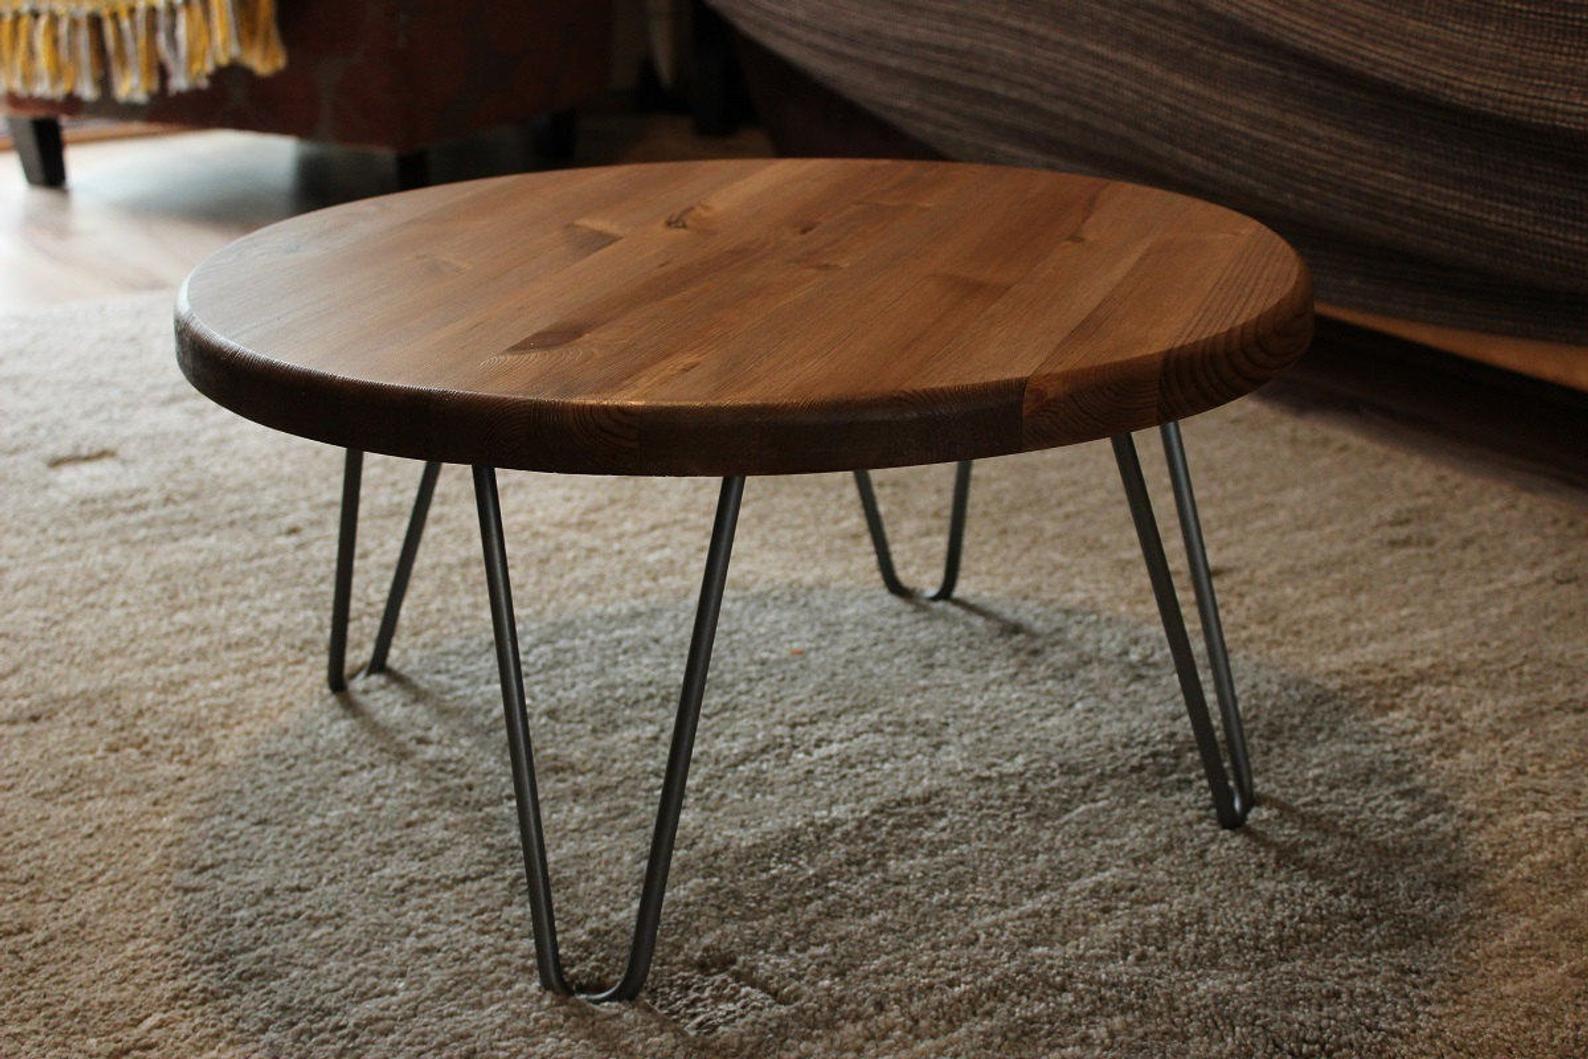 Rustic Vintage Industrial Wood Round Coffee Table Metal Etsy Round Wood Coffee Table Coffee Table Wood Round Metal Coffee Table